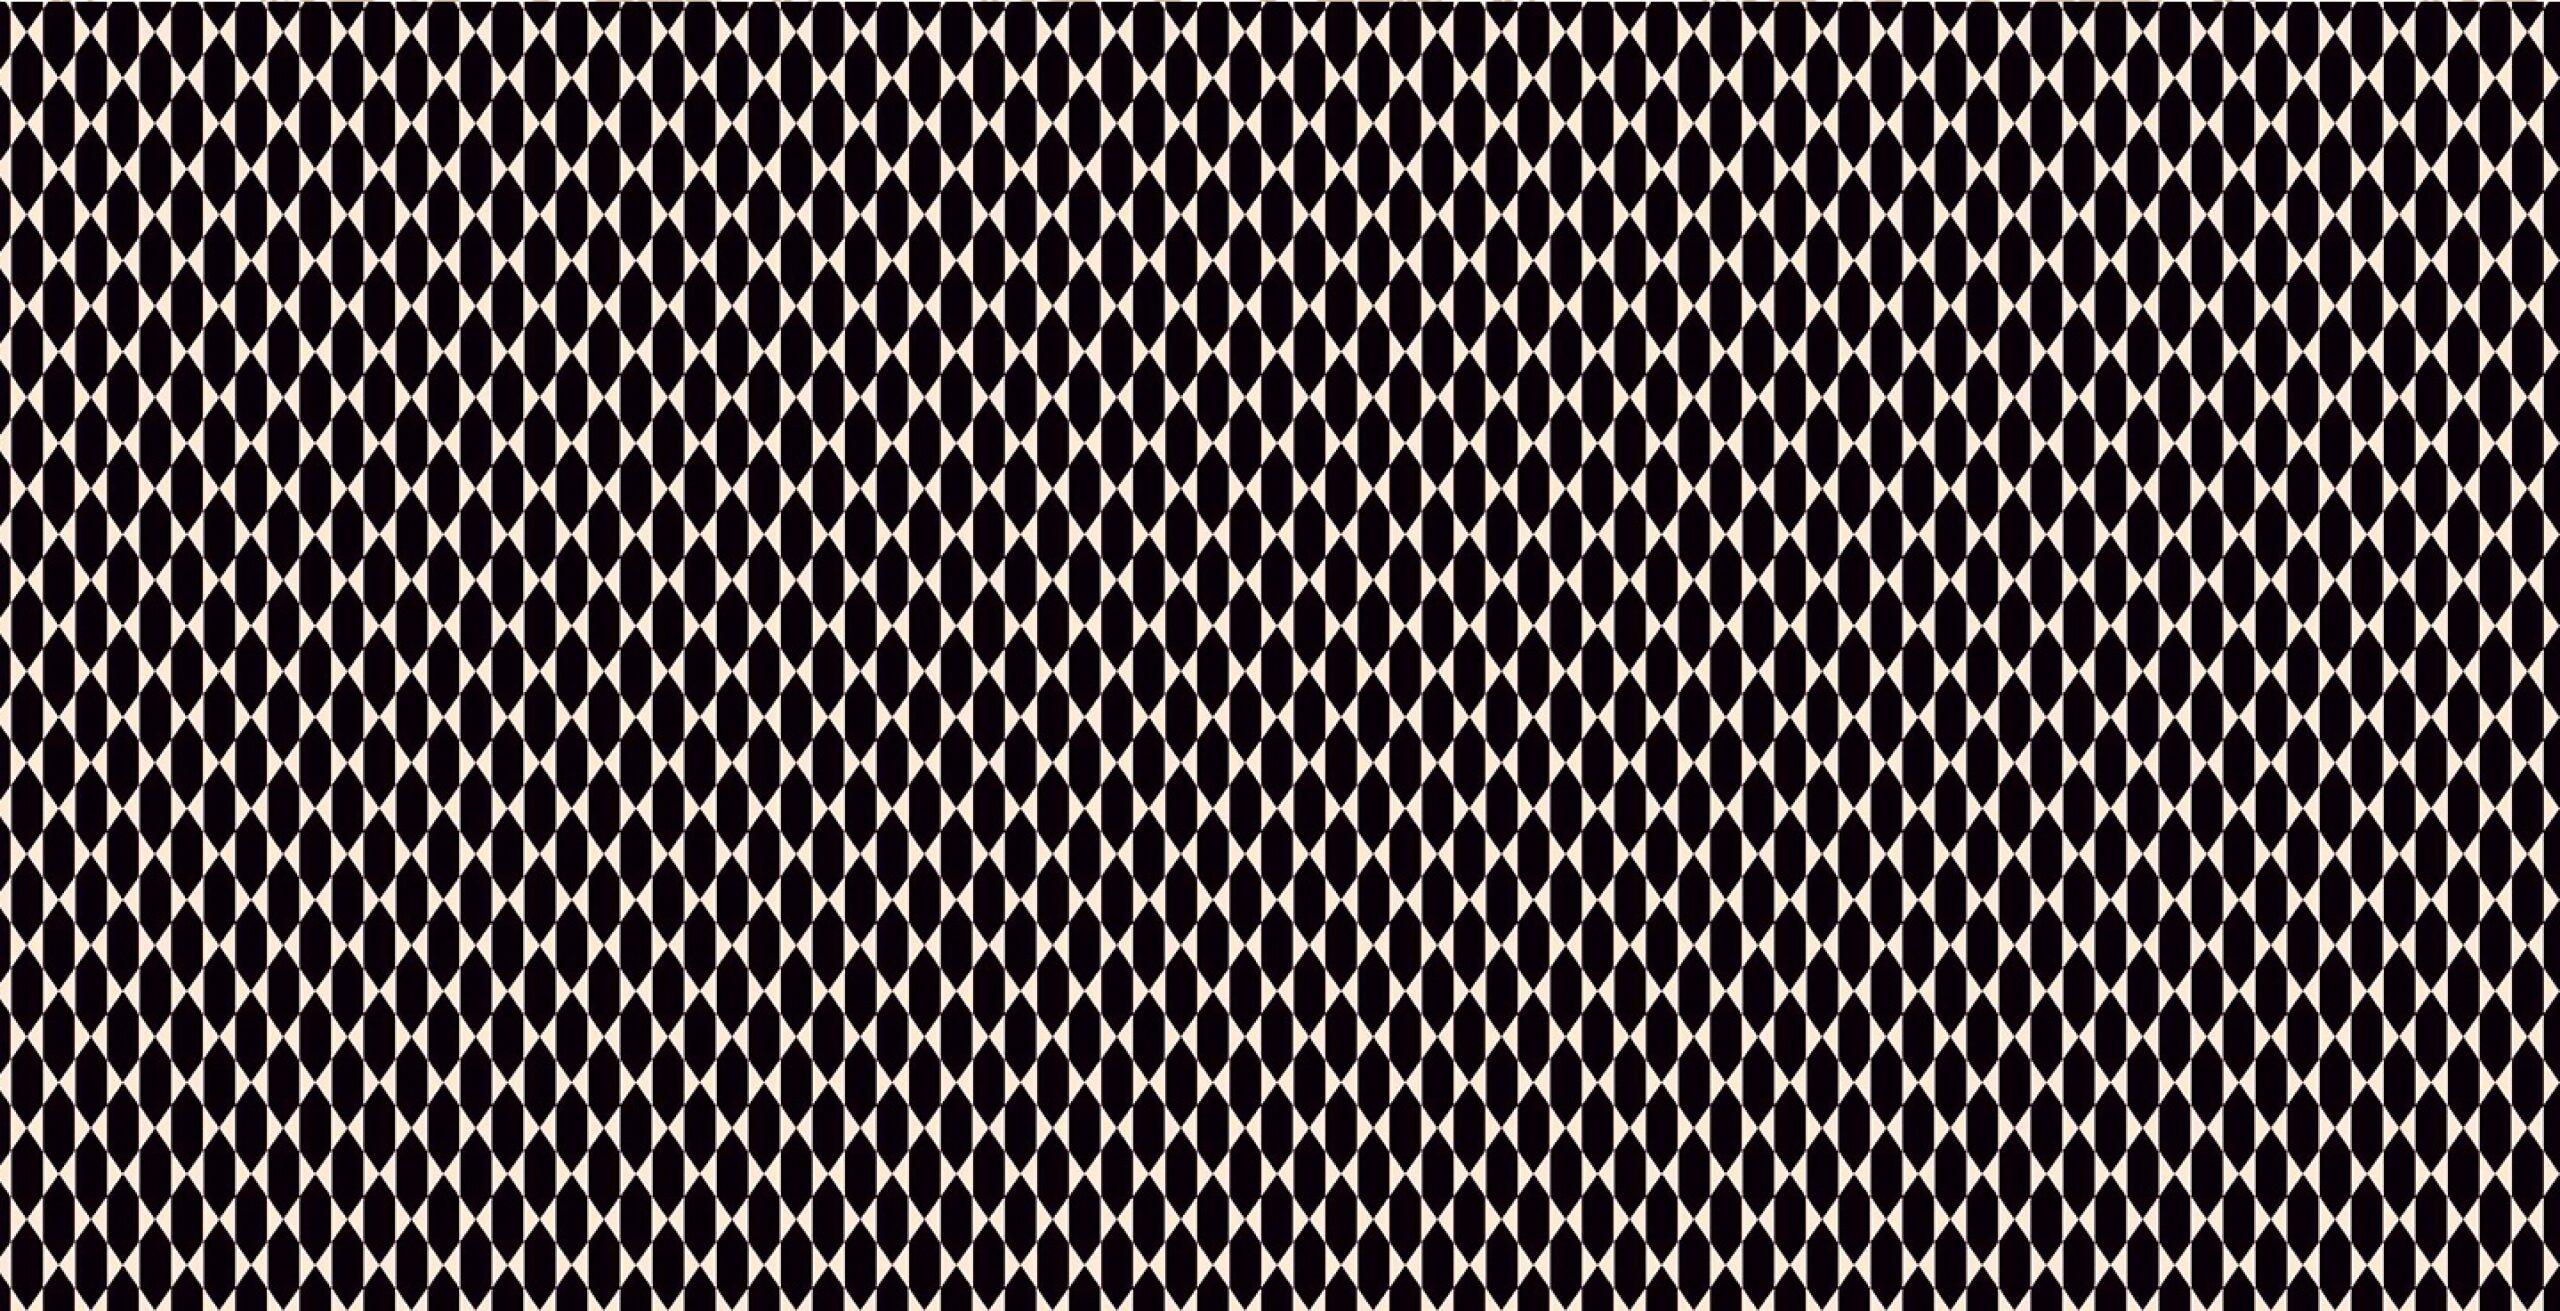 Estampado tipo mosaico blanco y negro